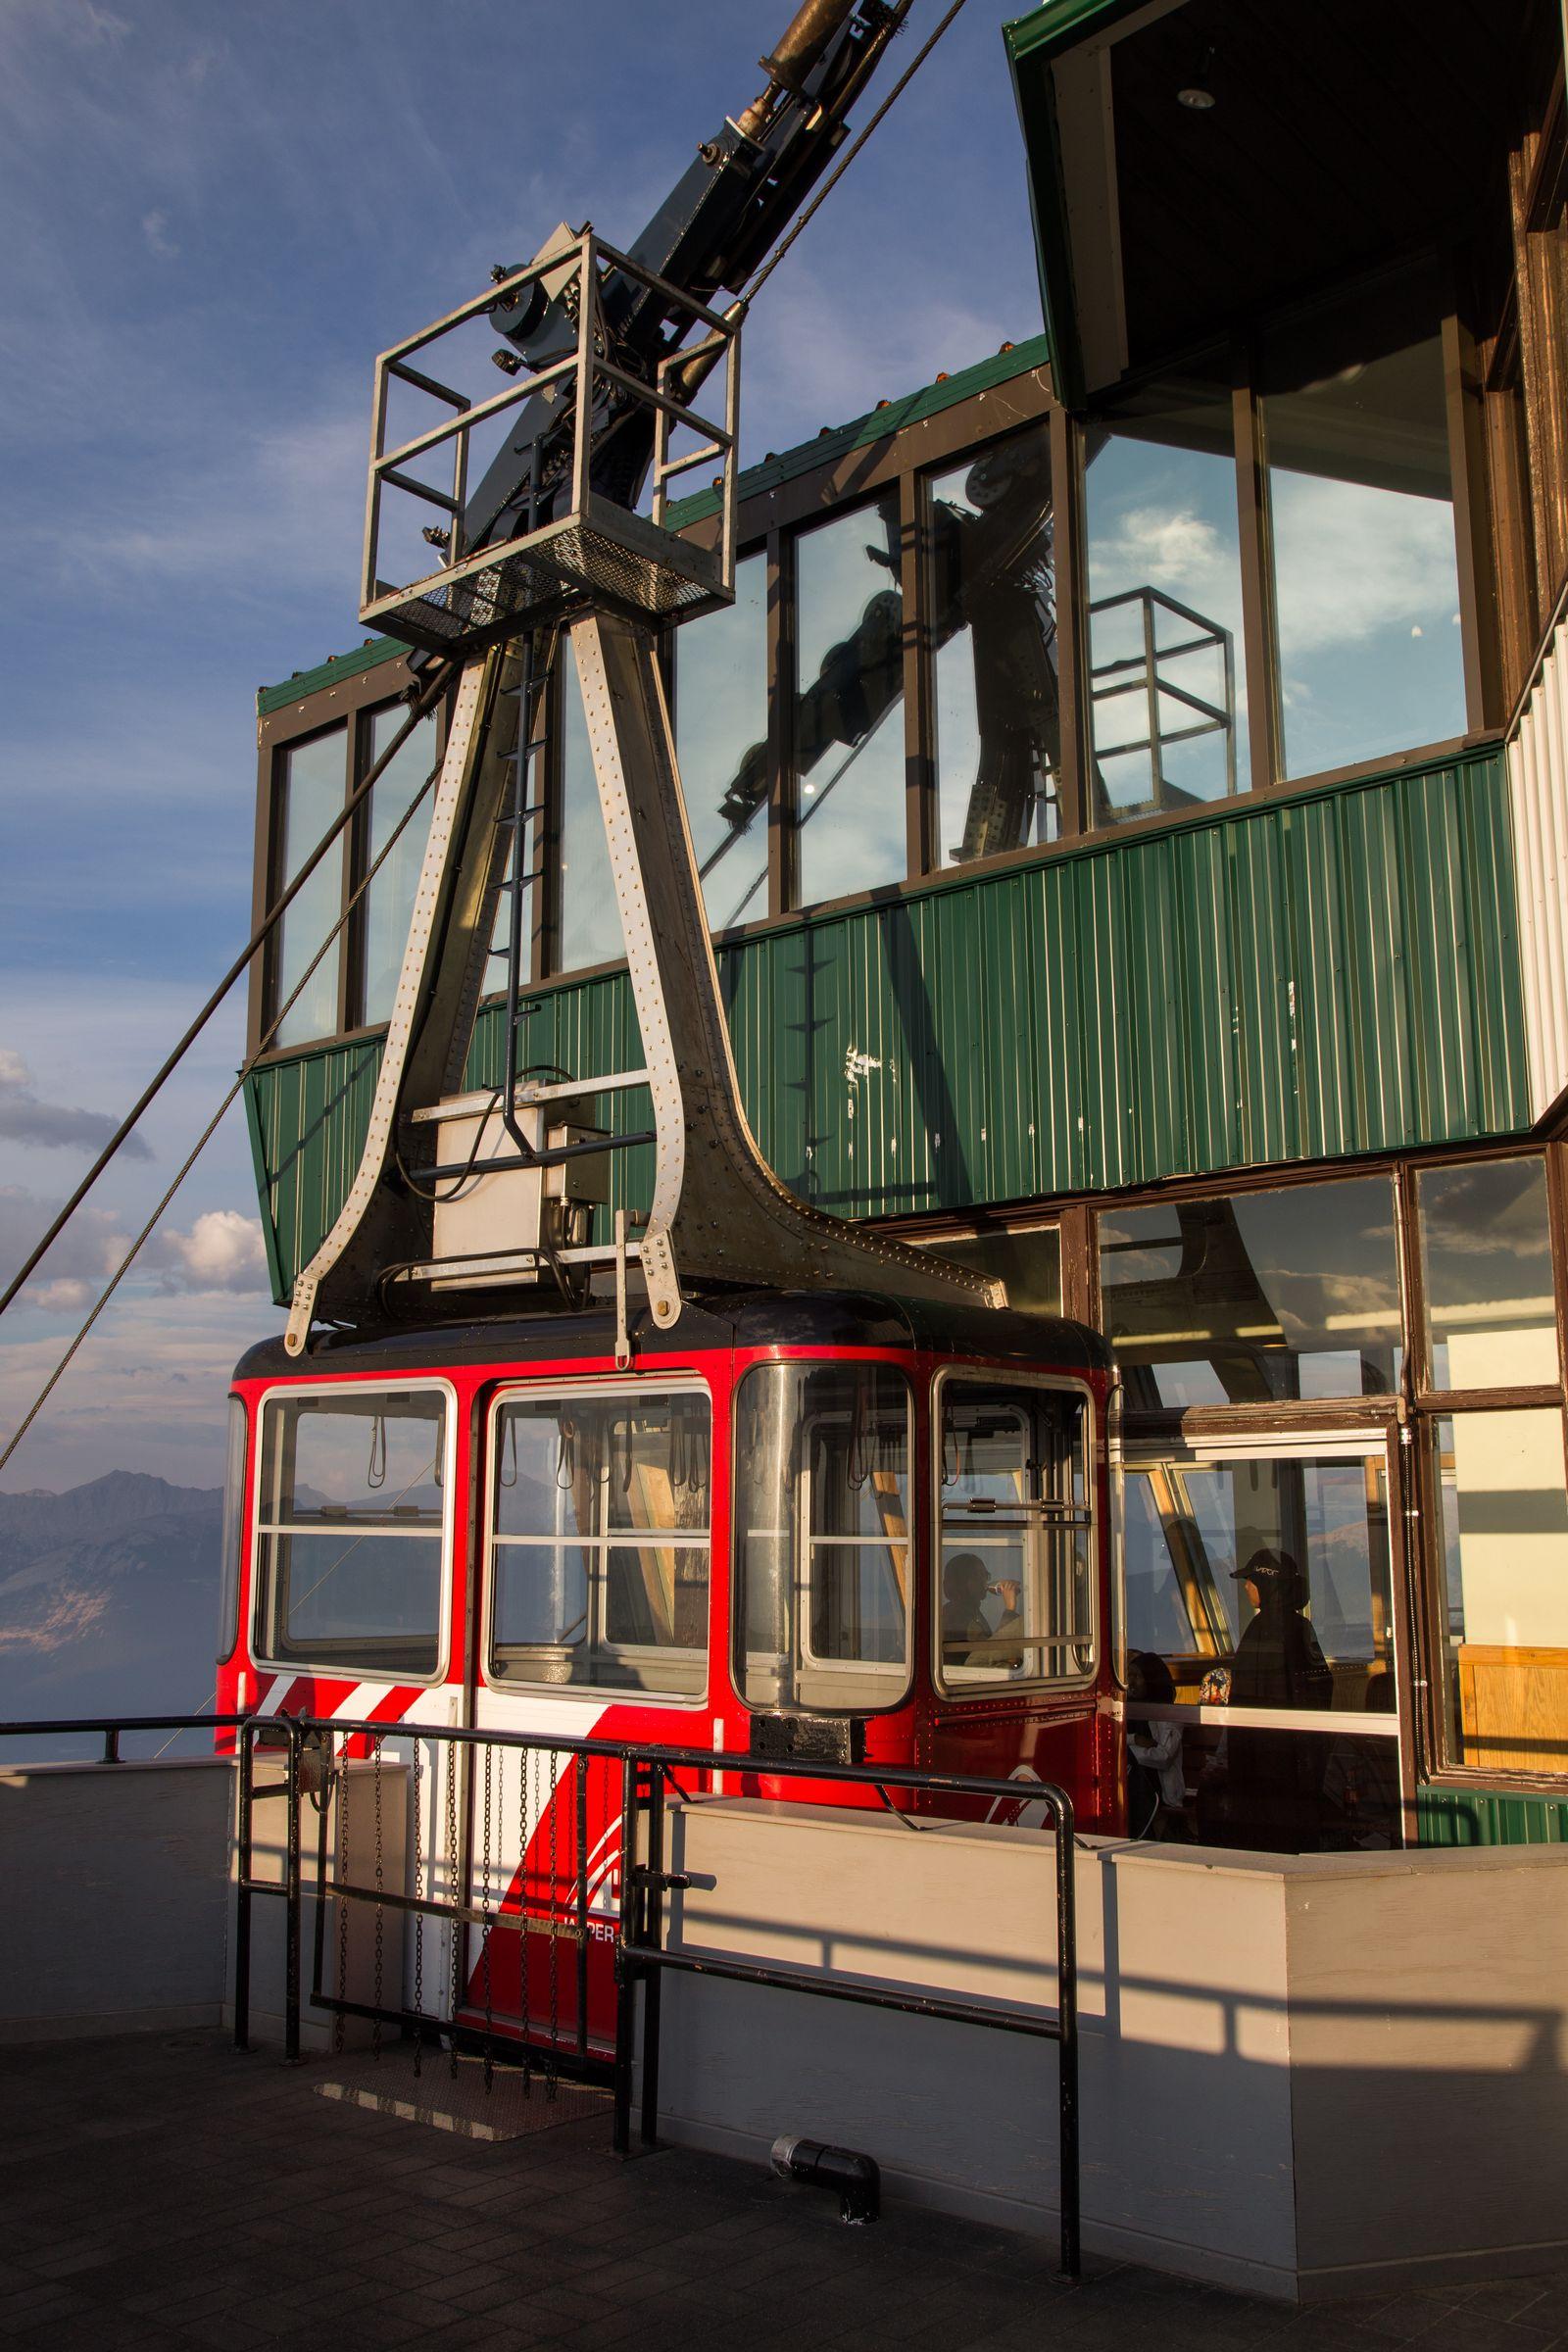 Una de las cabinas esperando el momento de descender